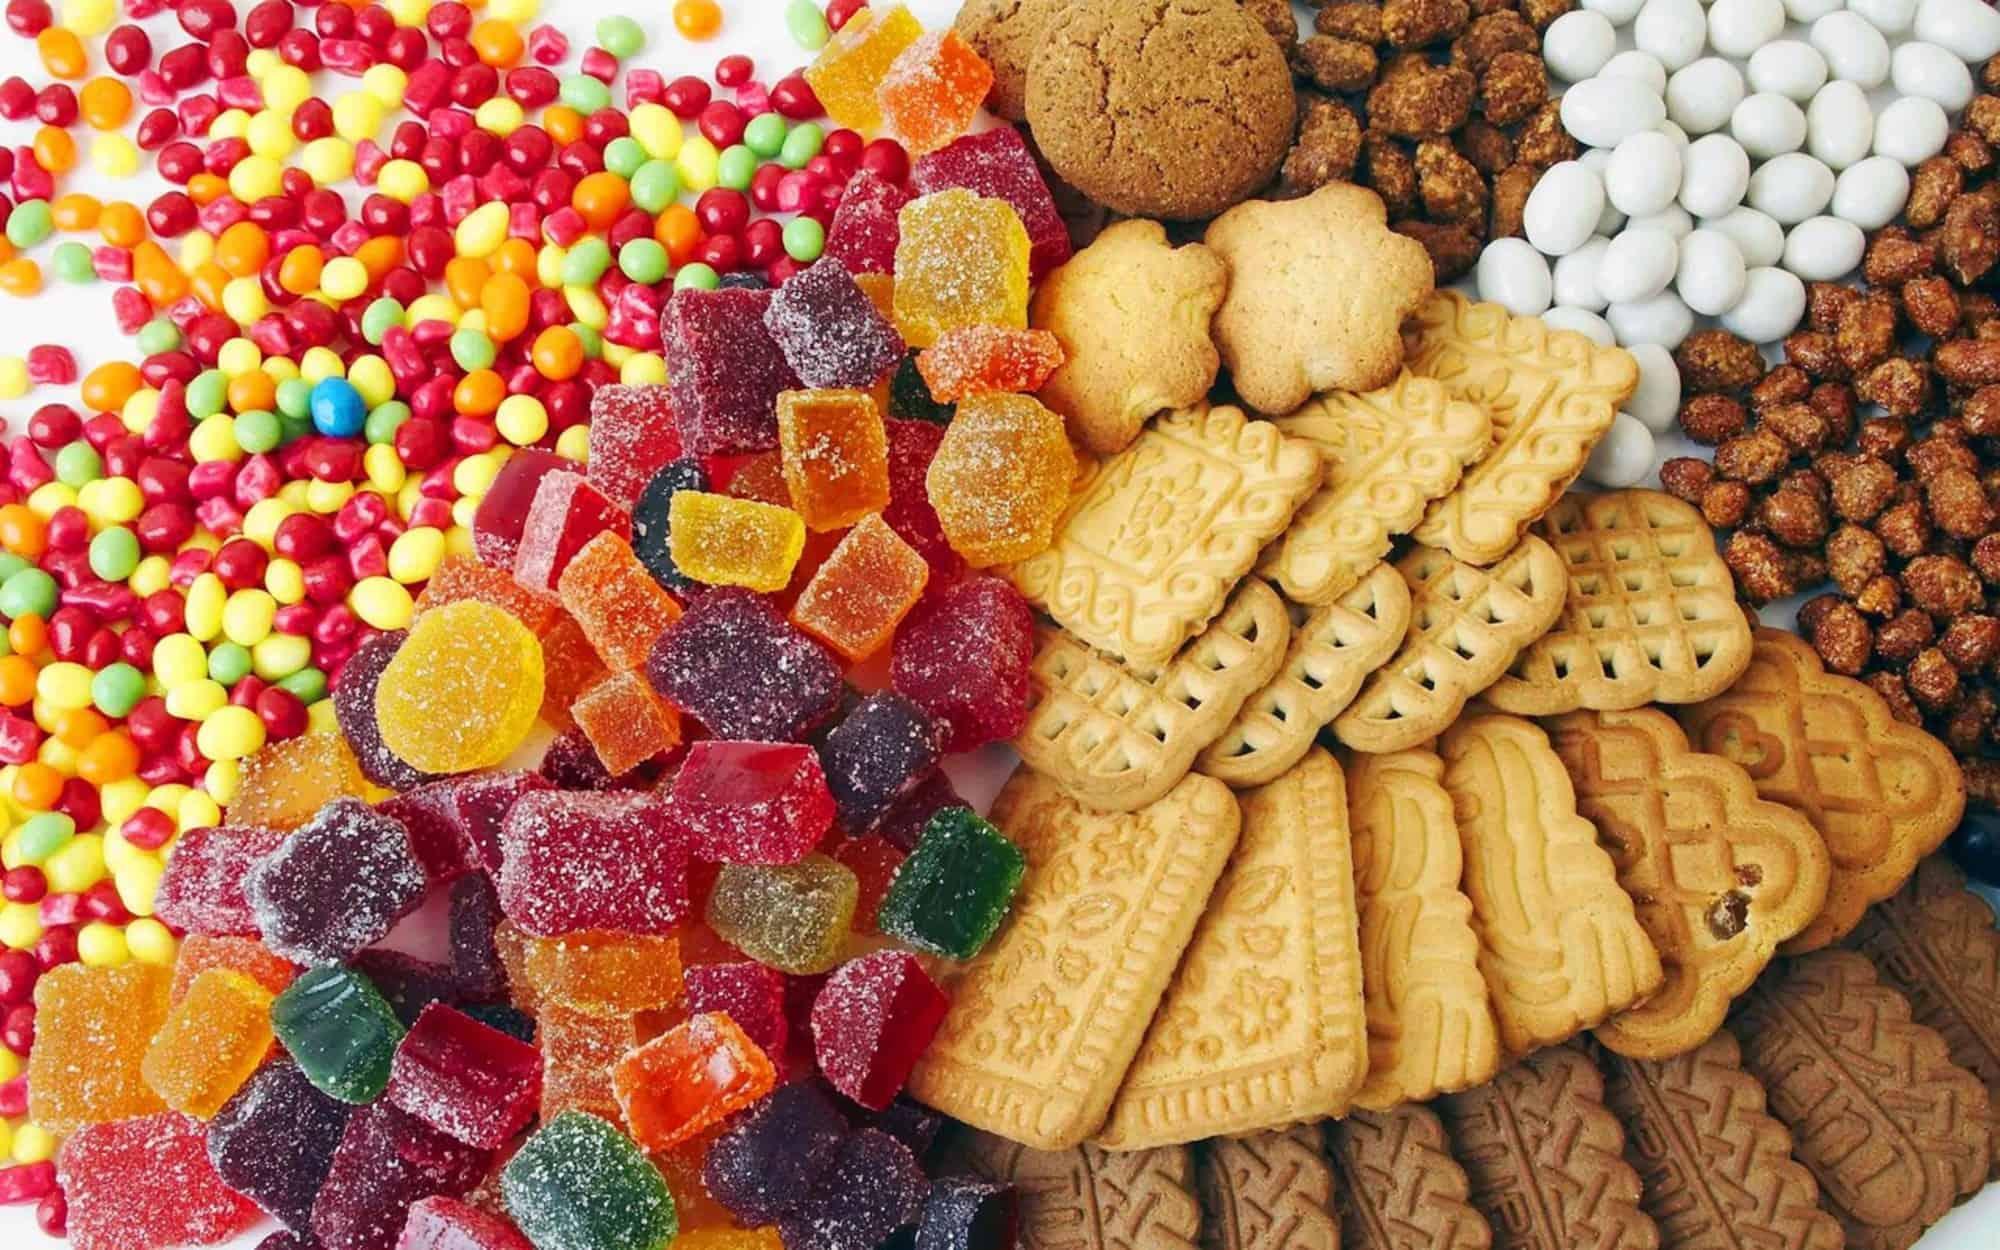 تفسير رؤية الحلويات في المنام للمرأة الحامل